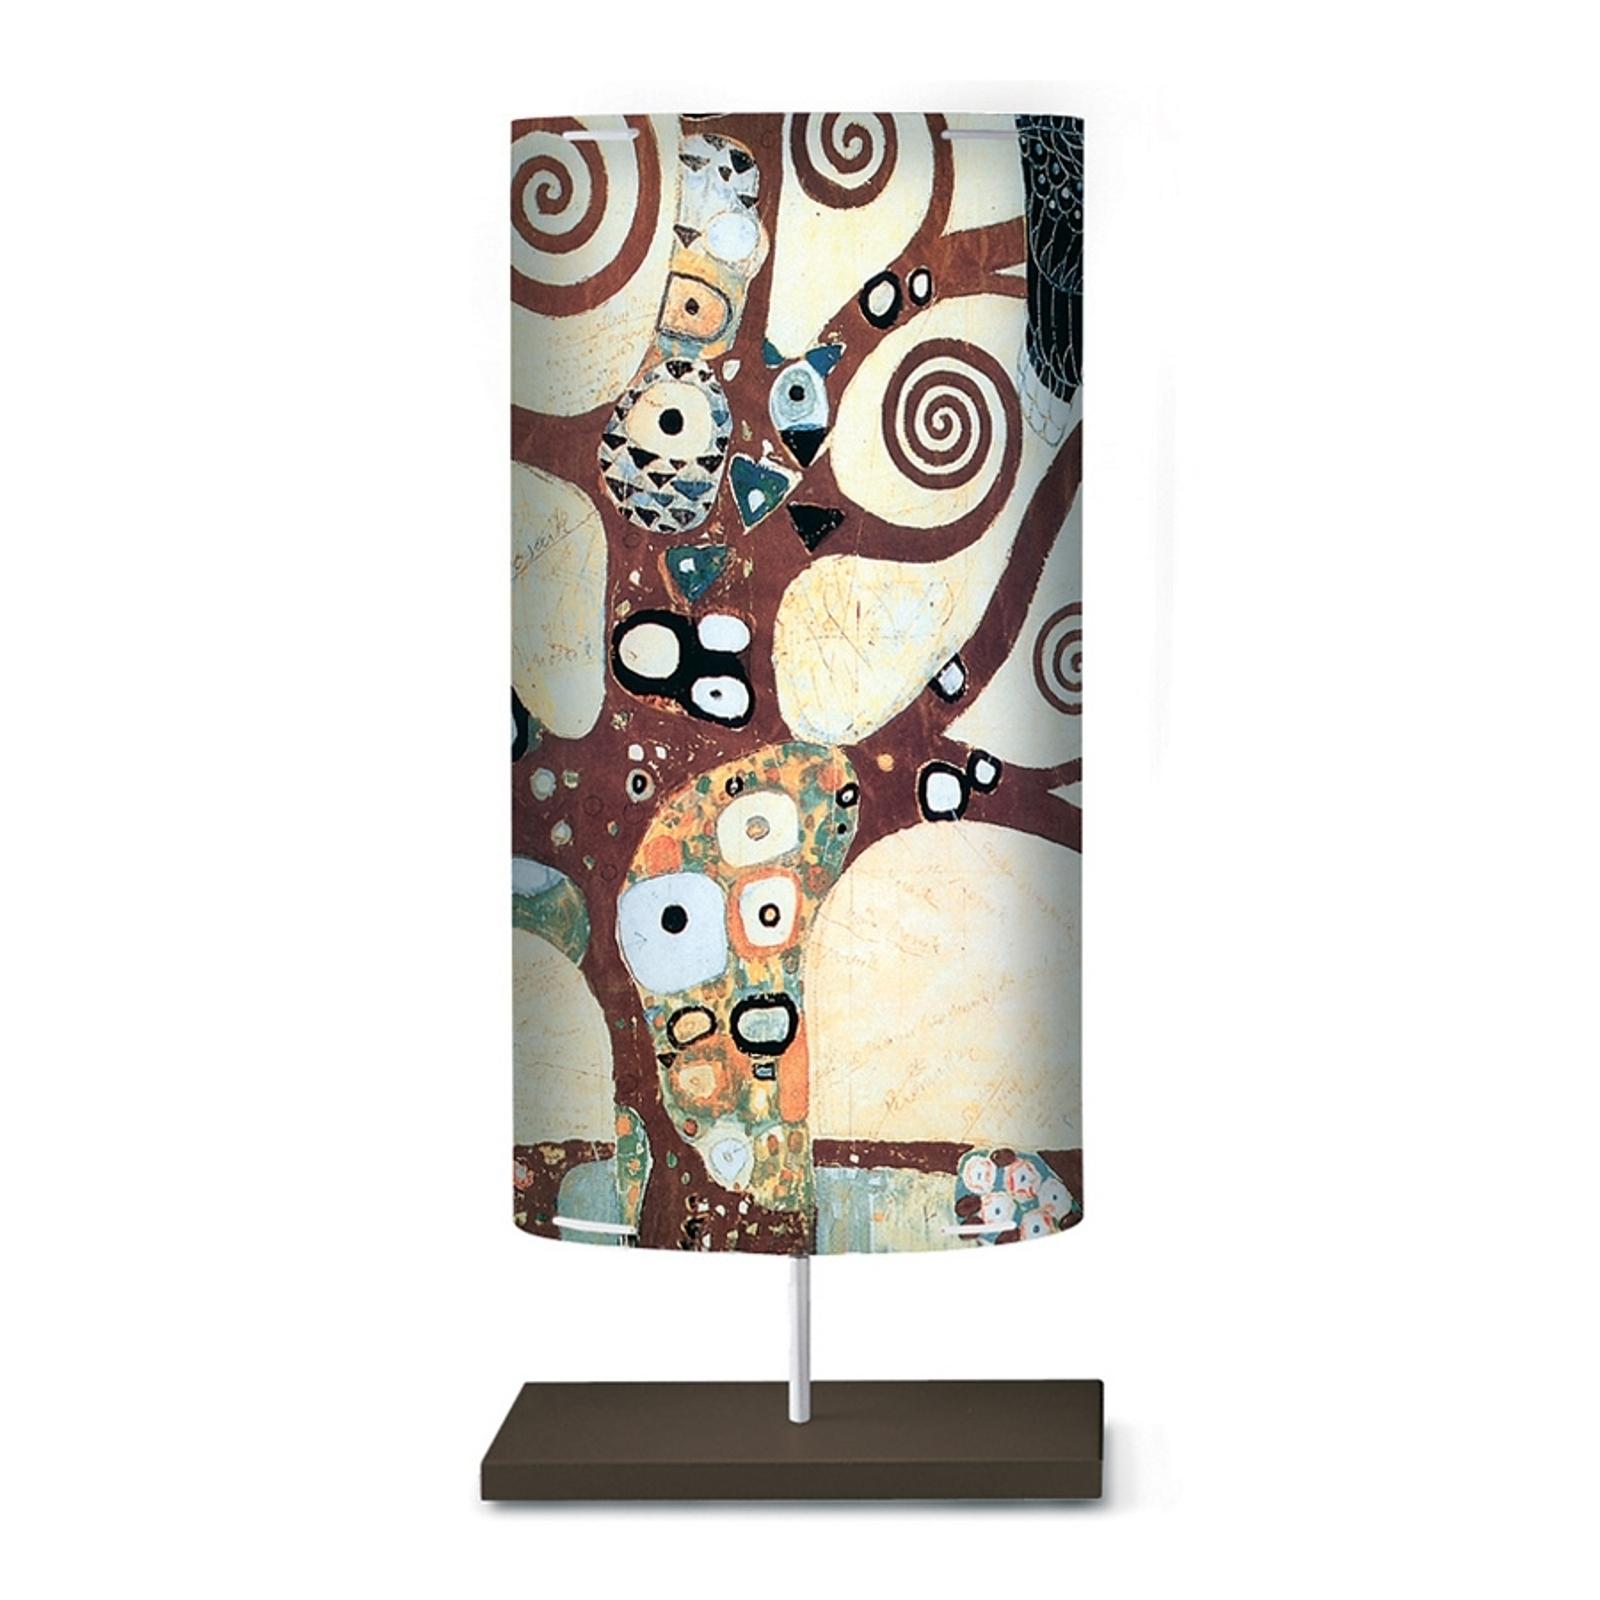 Stojaca lampa Klimt I s umeleckým motívom_1056045_1